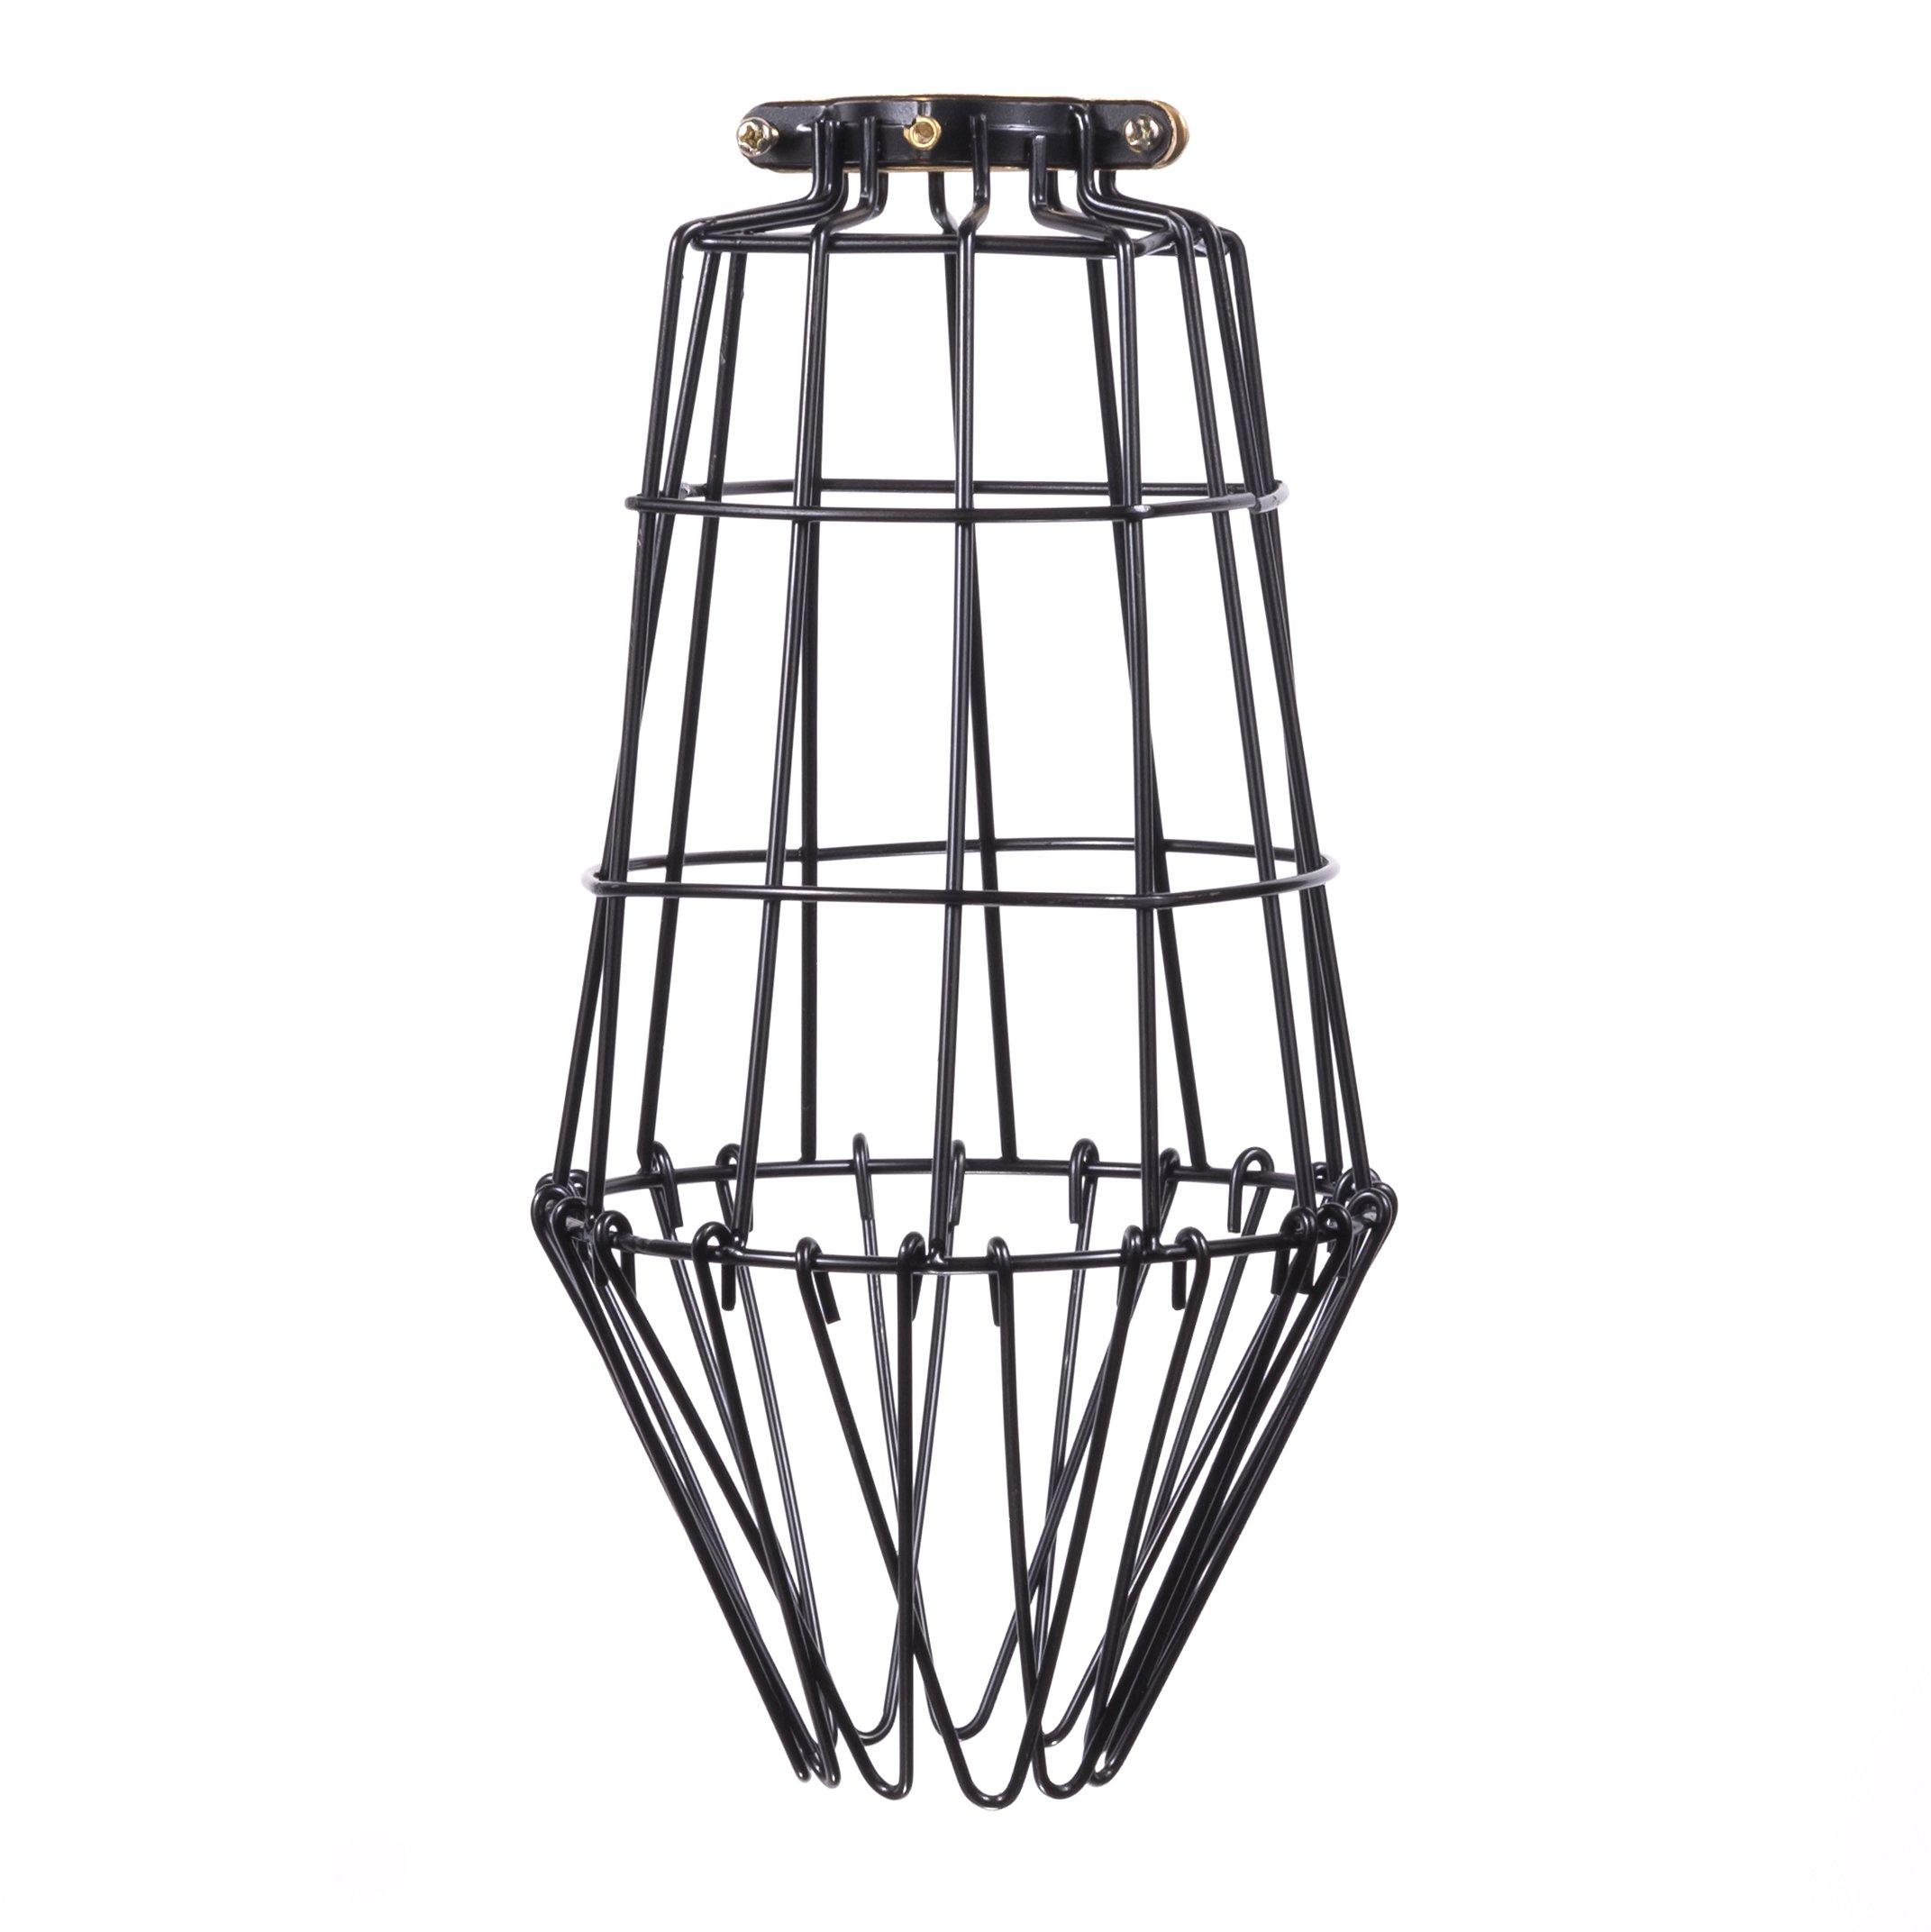 カントリースタイルの長いワイヤーランタン保護ギアペンダントランプDIY照明器具黒